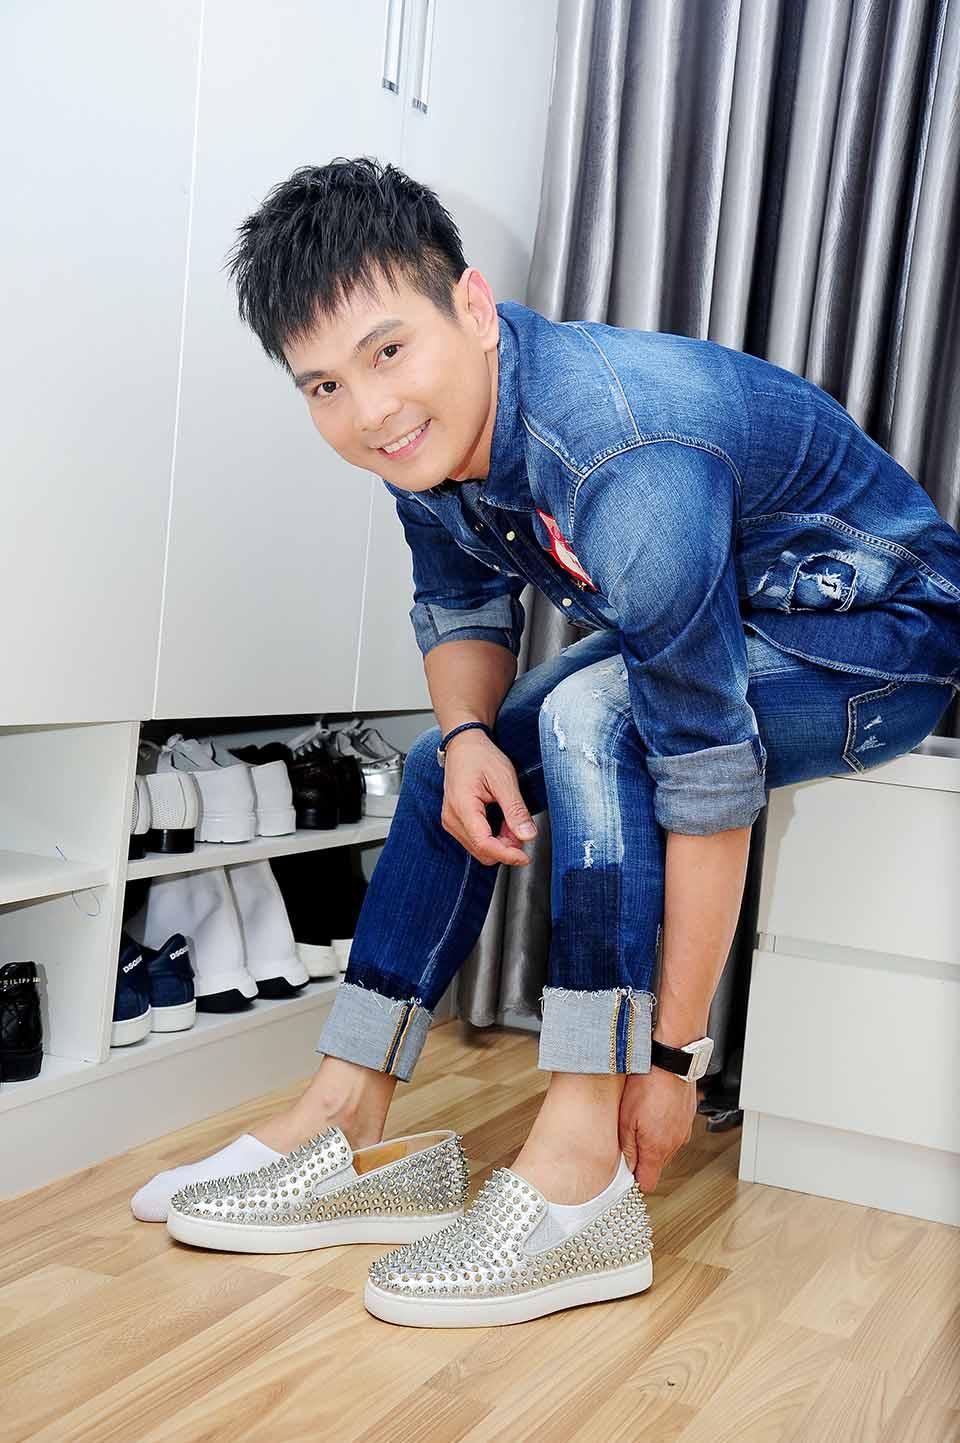 Lâm Hùng tậu căn hộ 4 tỷ, tặng vợ xinh đẹp từ Đà Lạt vào Sài Gòn sống - 7